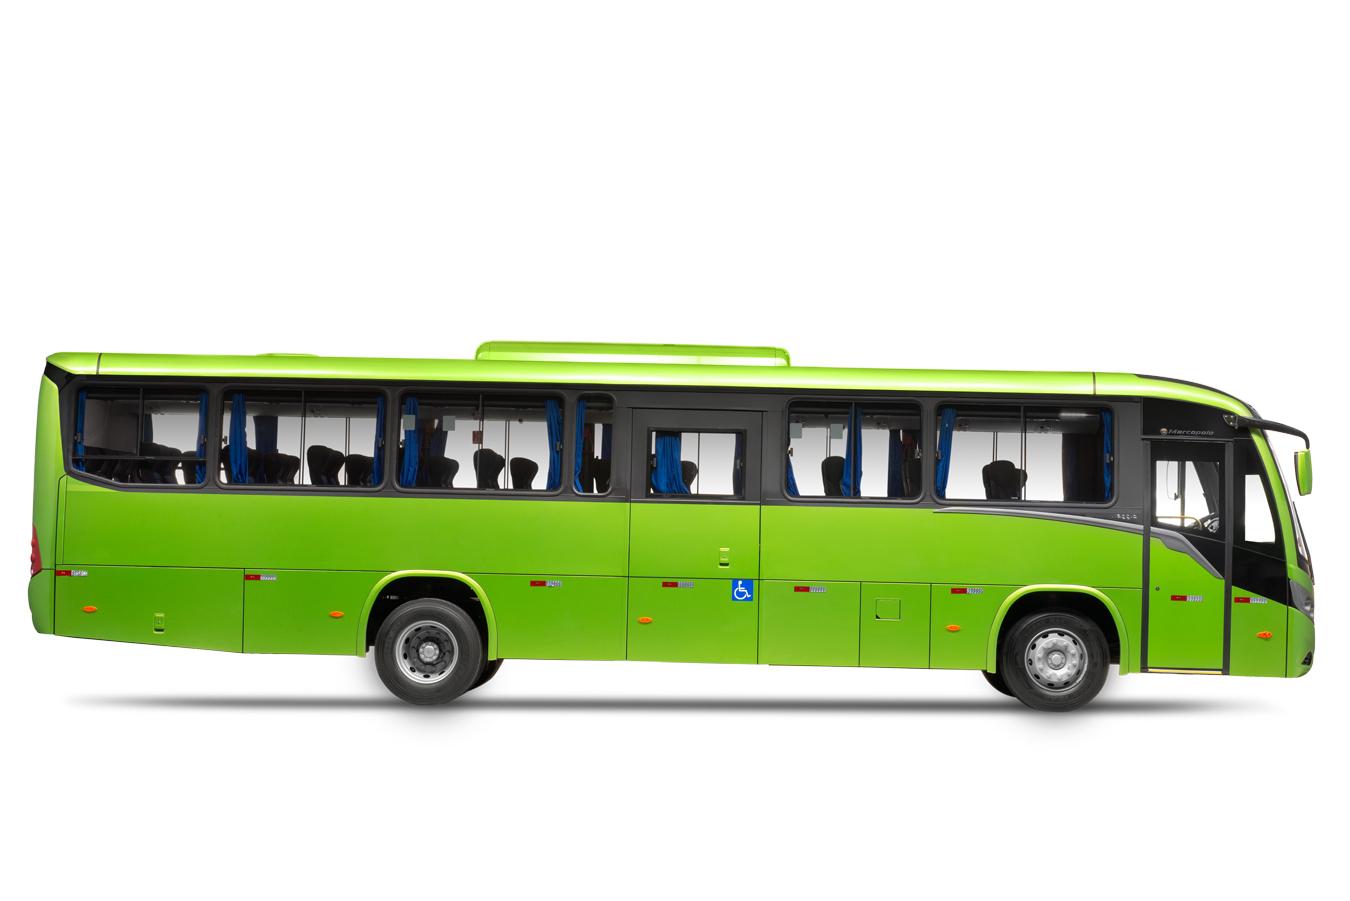 Viaggio-800-(176)-copiar